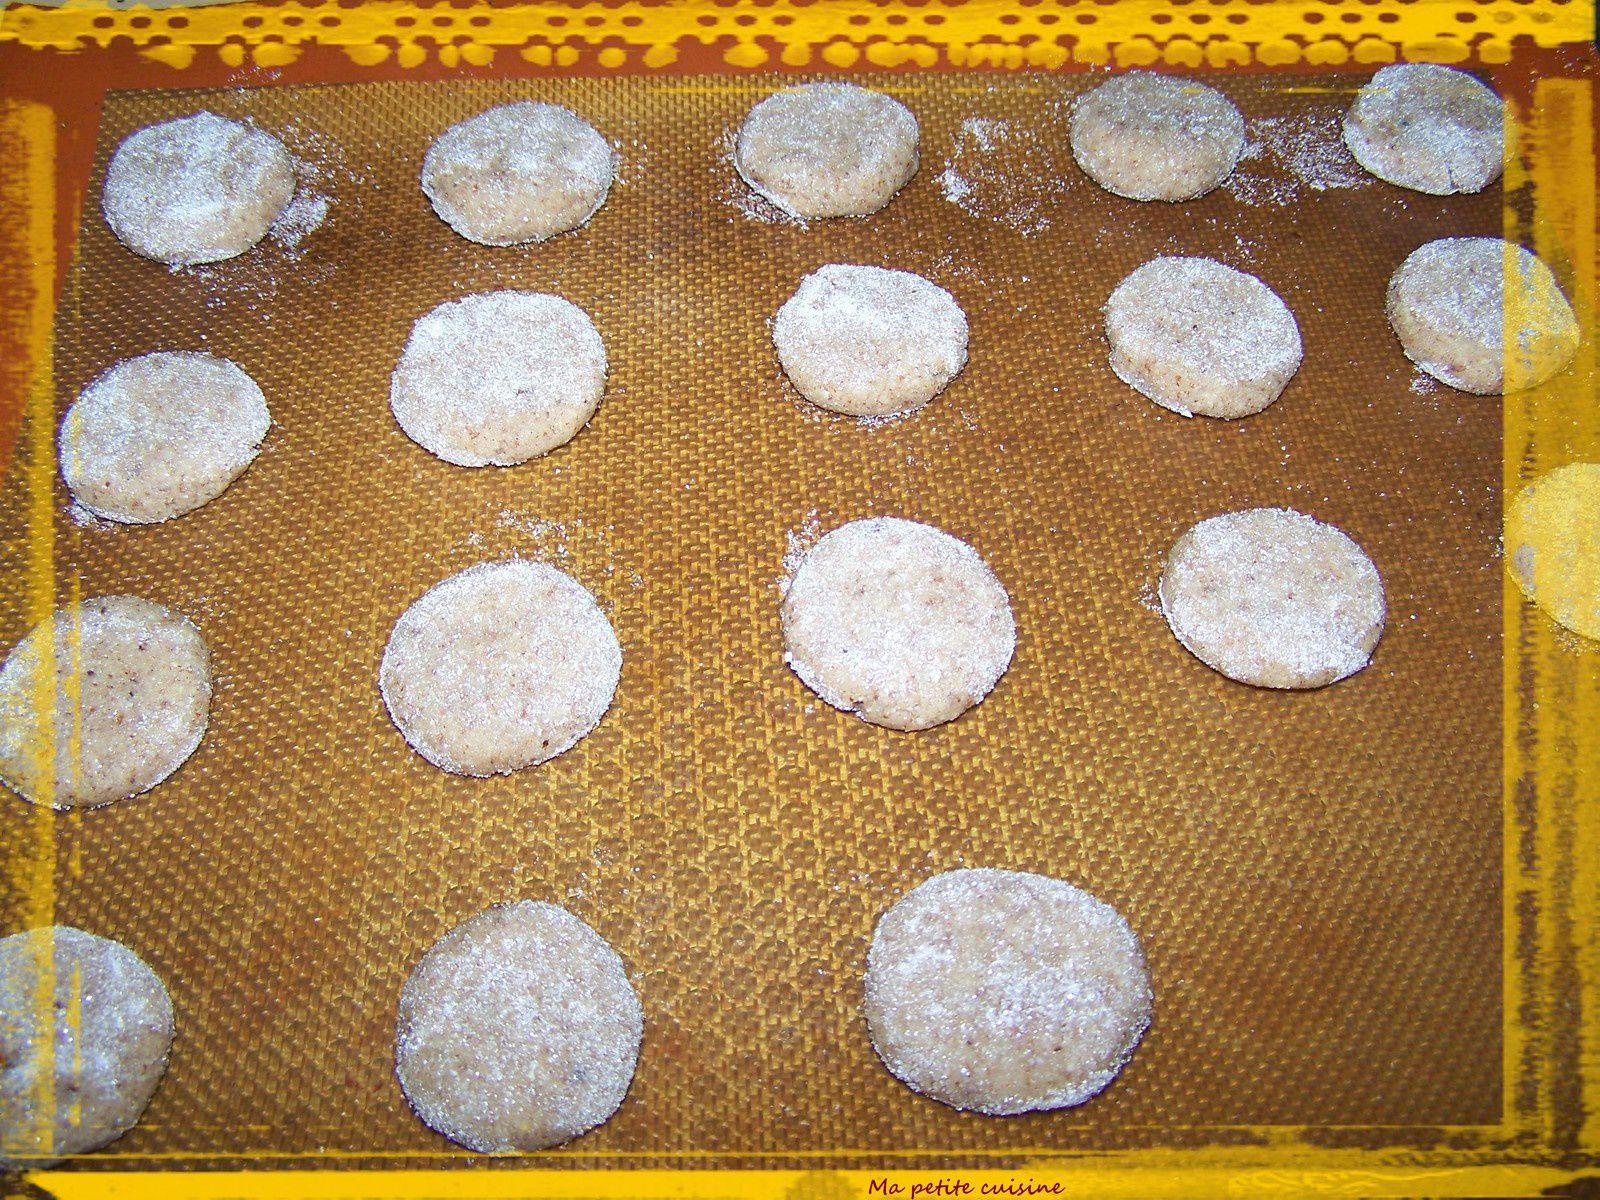 Macarrones de Bilbao ou macarons de Bilbao (recette espagnole)